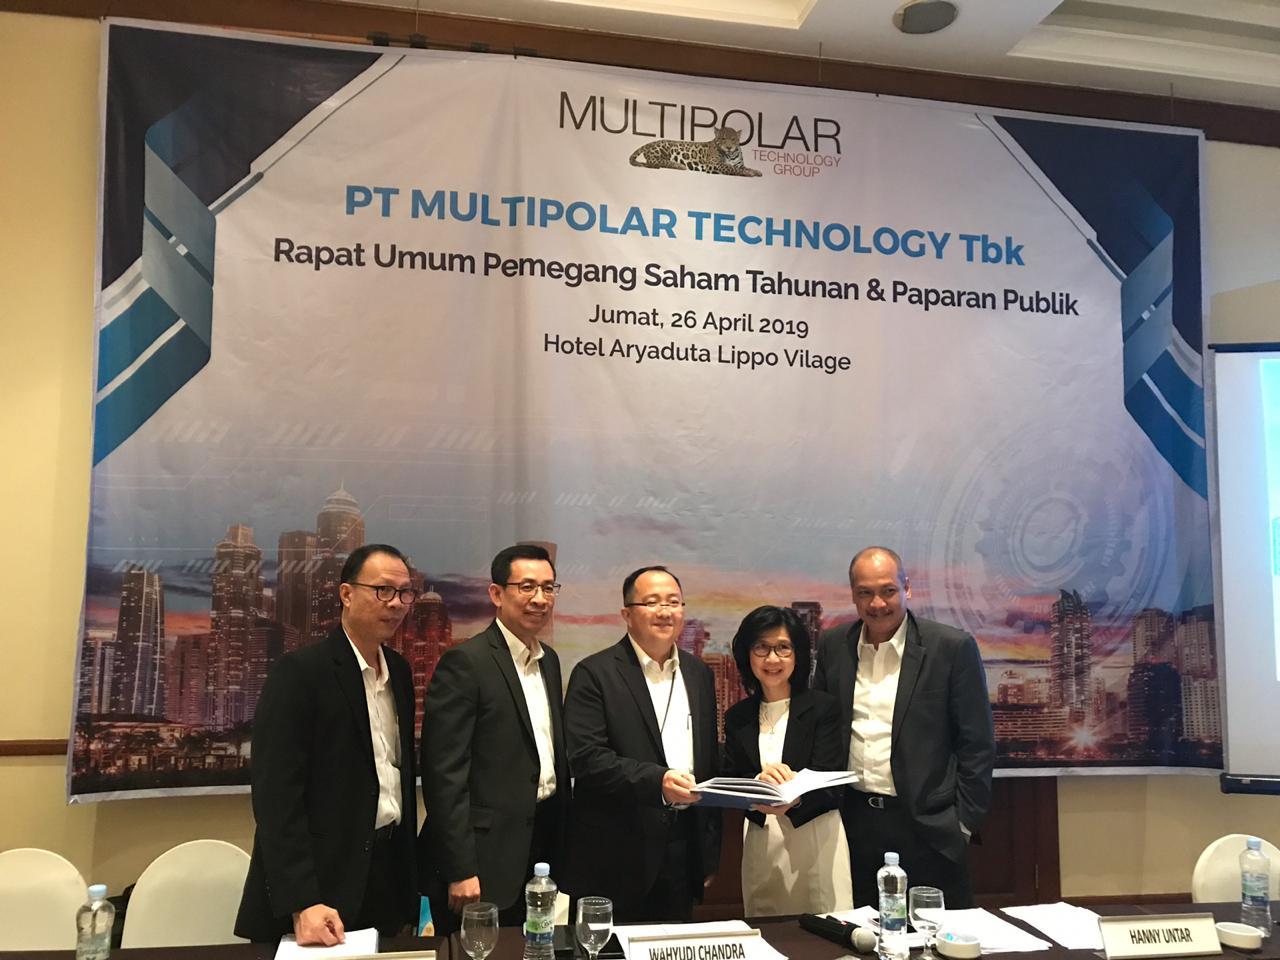 MLPT Suspensi Dibuka, Saham Multipolar Technology (MLPT) Mengalami Koreksi